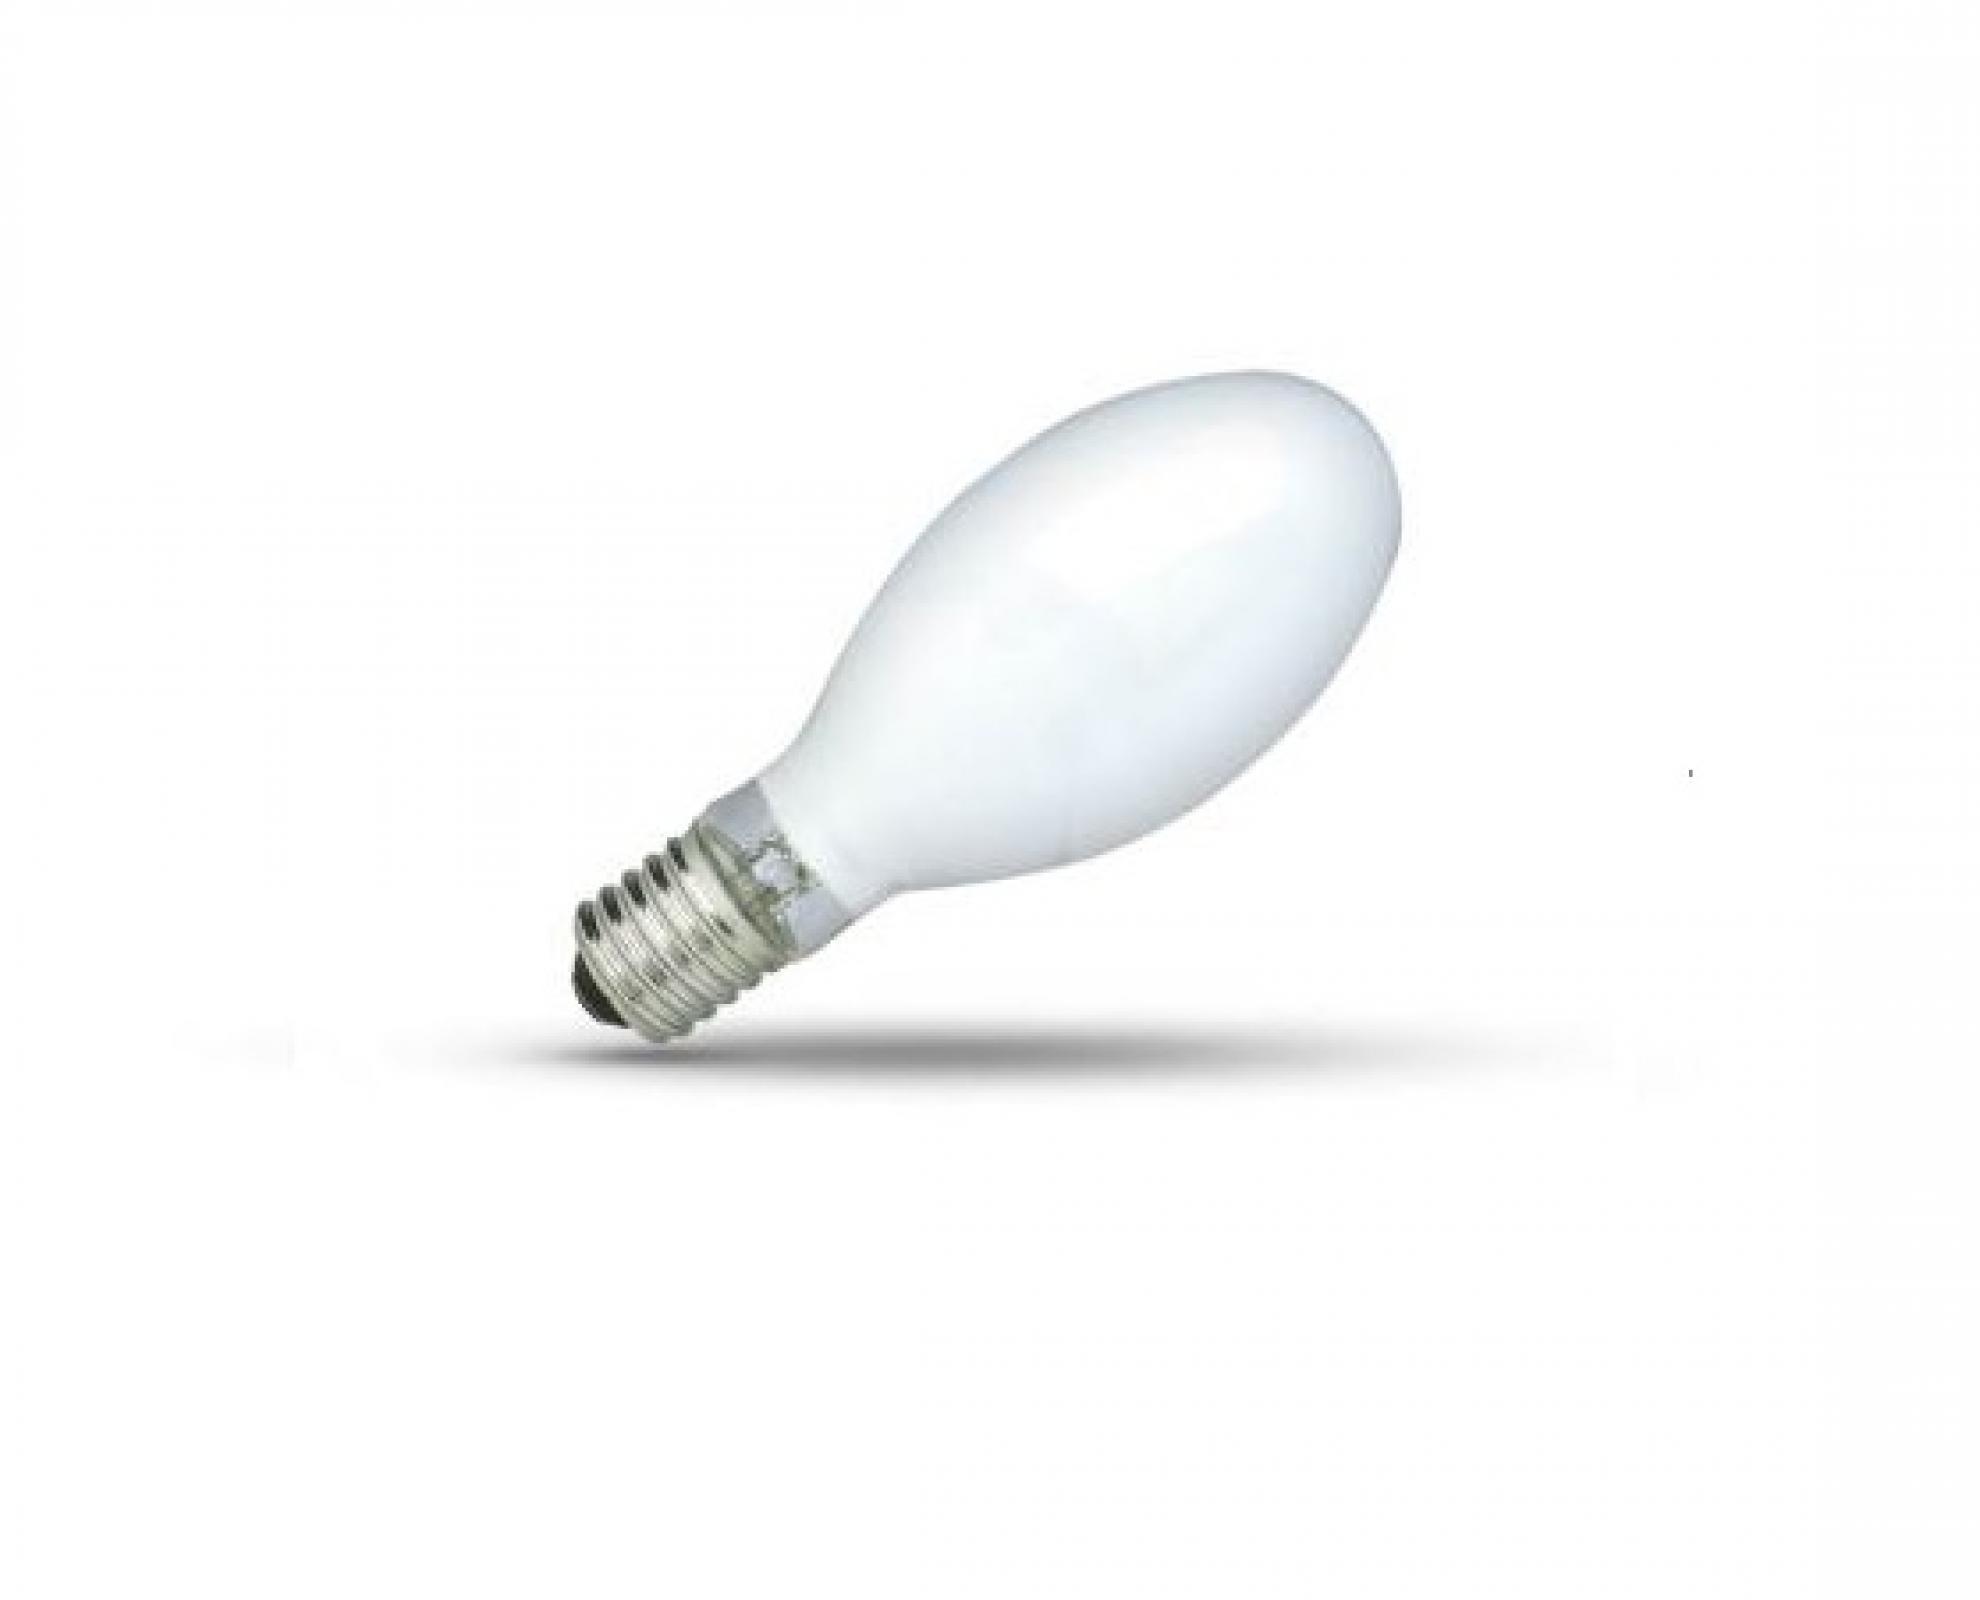 Lampada Mista 250W 220V E-40